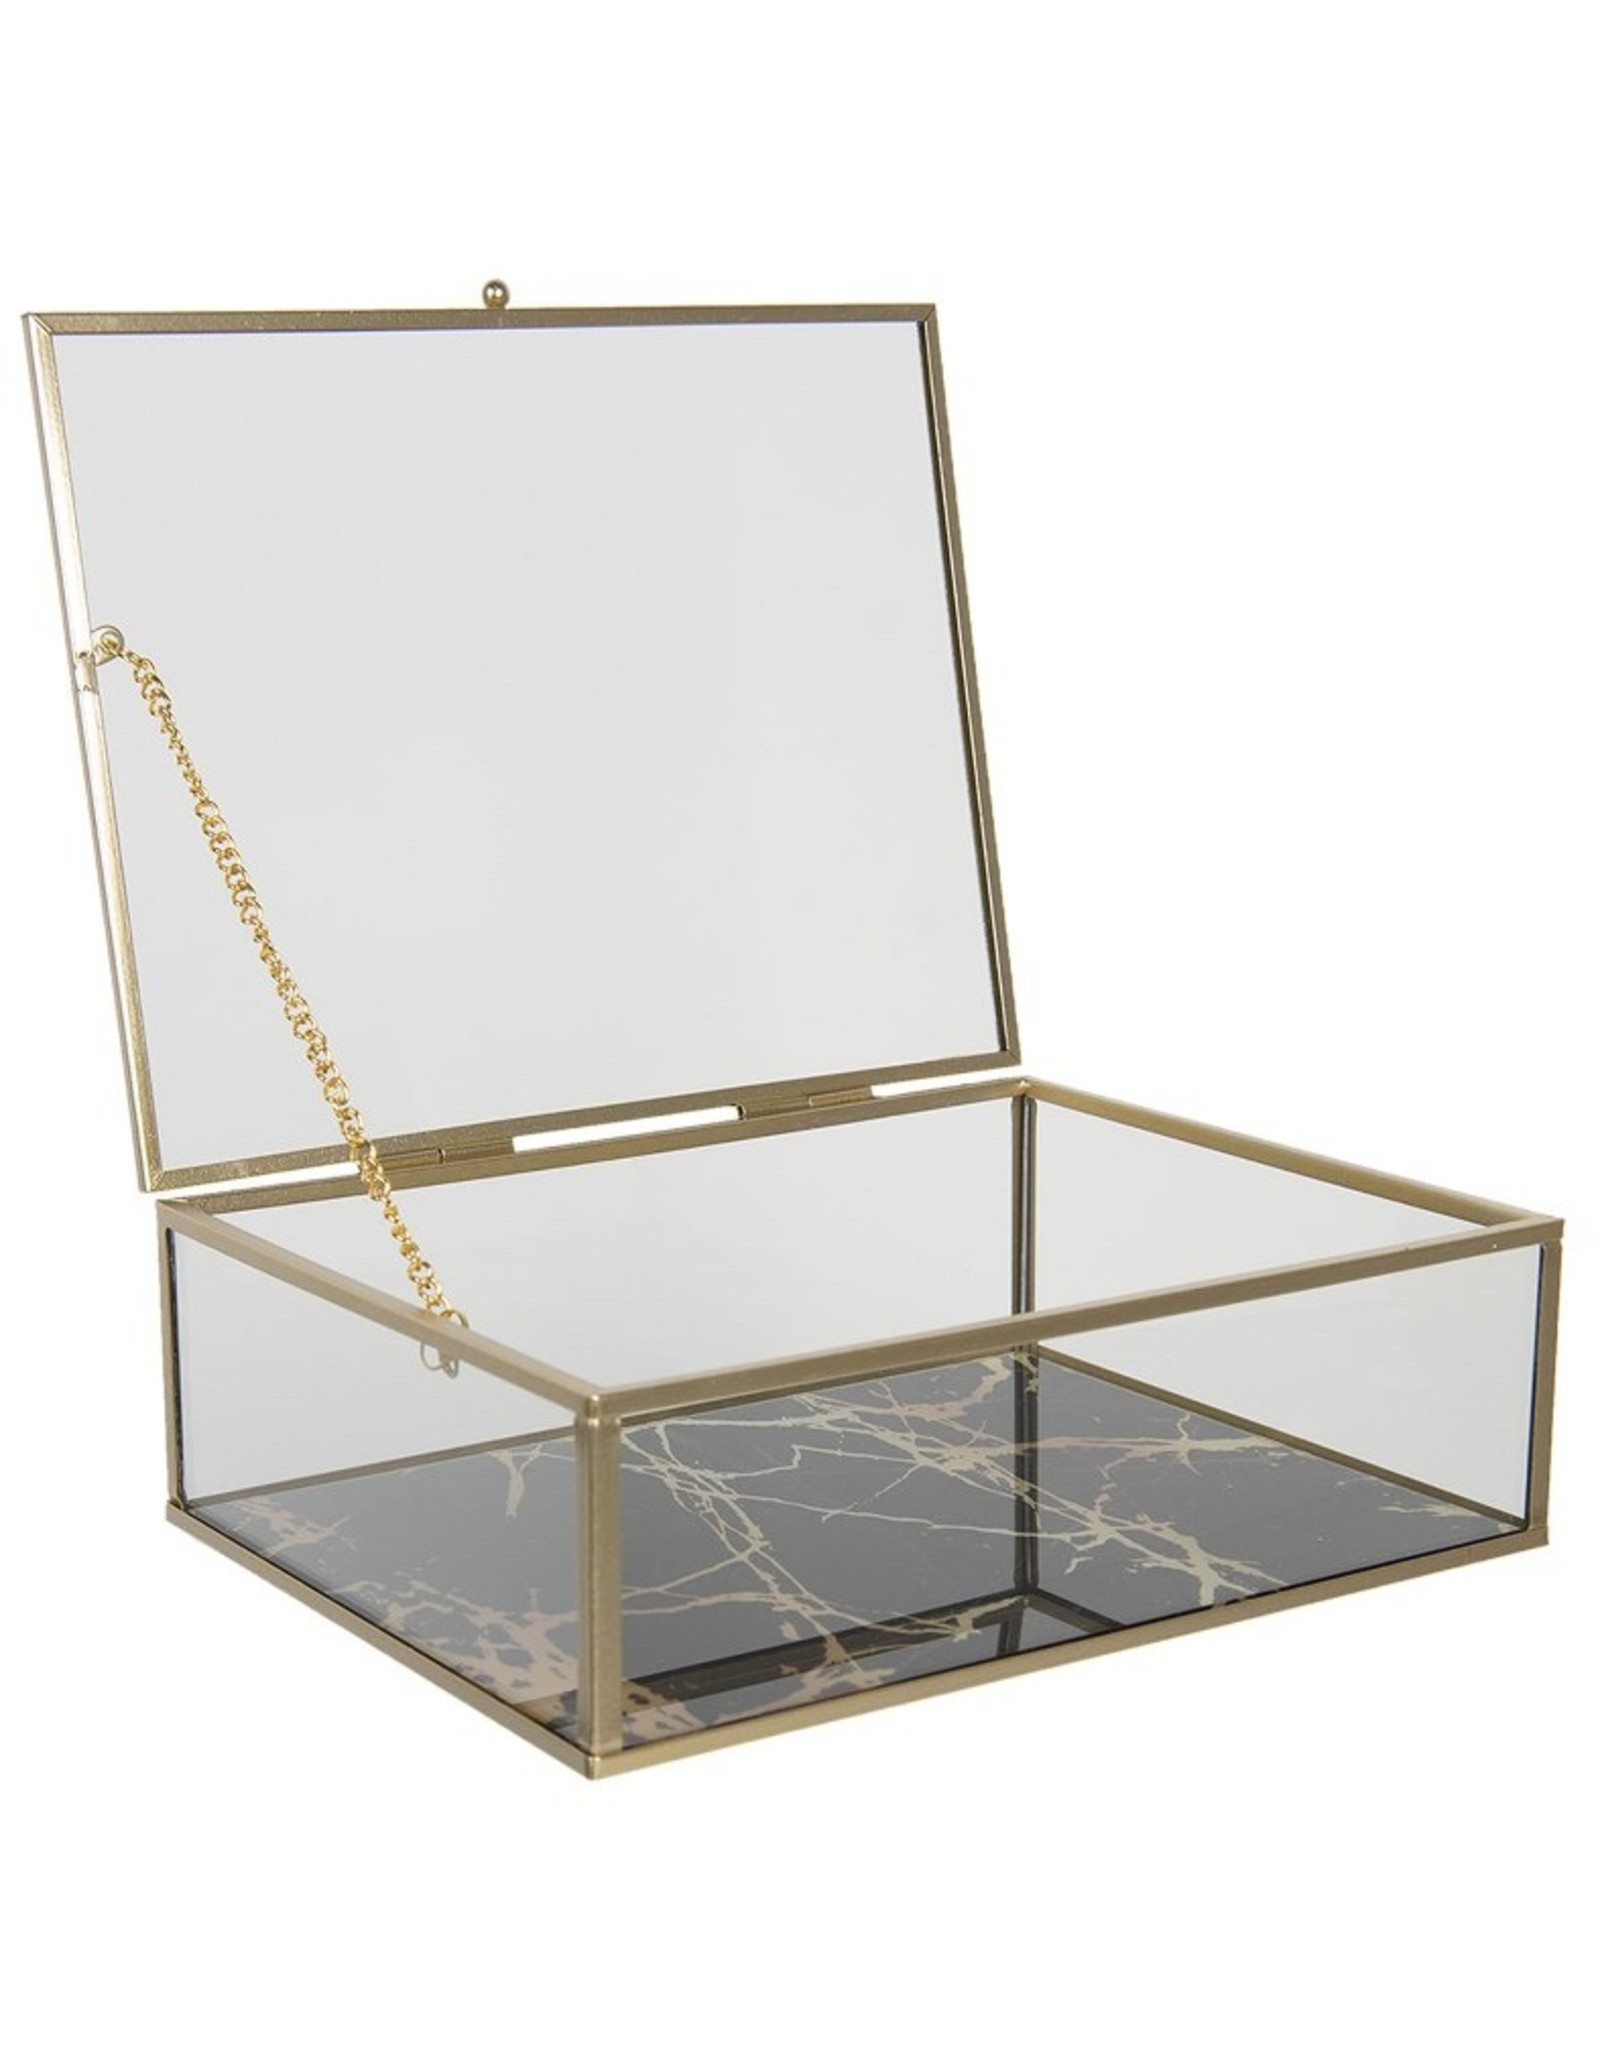 Glazen juwelendoosje Miscellaneous - Glazen Juwelendoosje - presentatiedoosje  20x16x6 cm